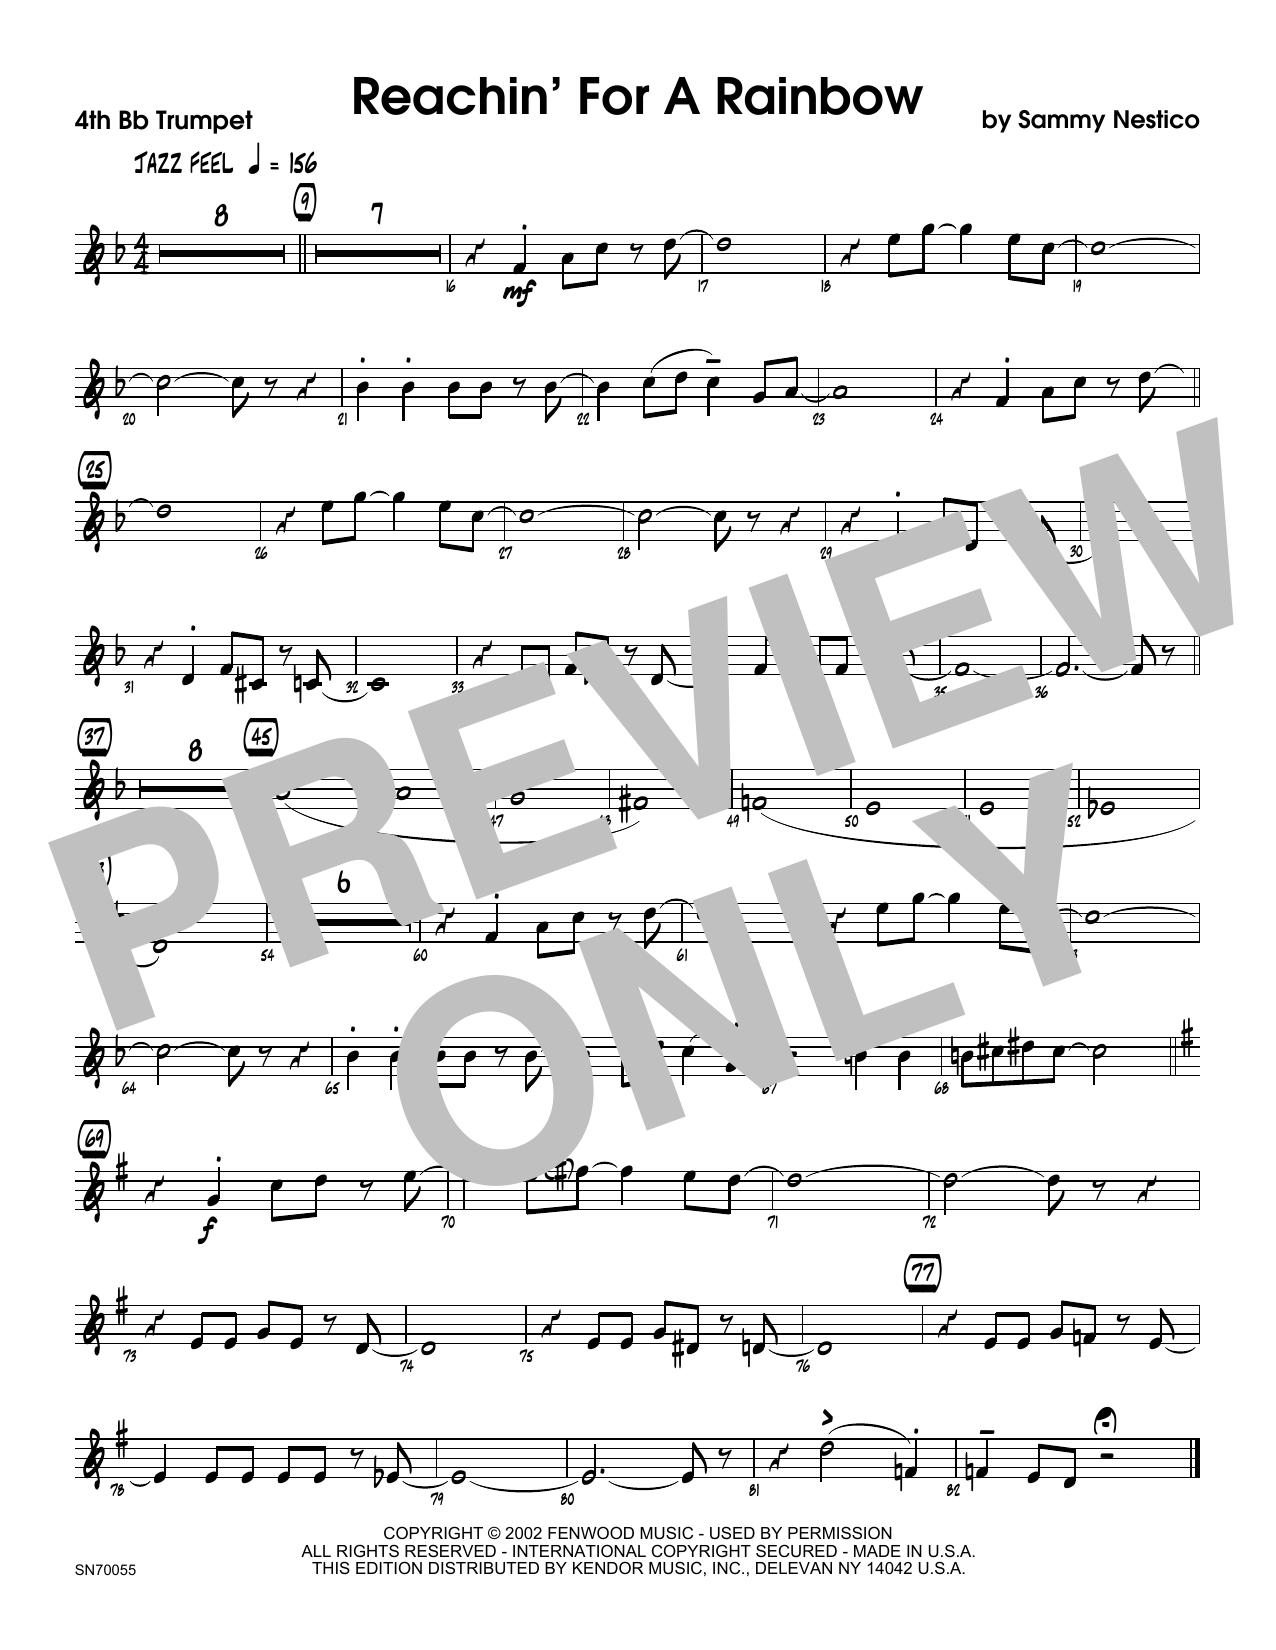 Reachin' For A Rainbow - 4th Bb Trumpet Sheet Music